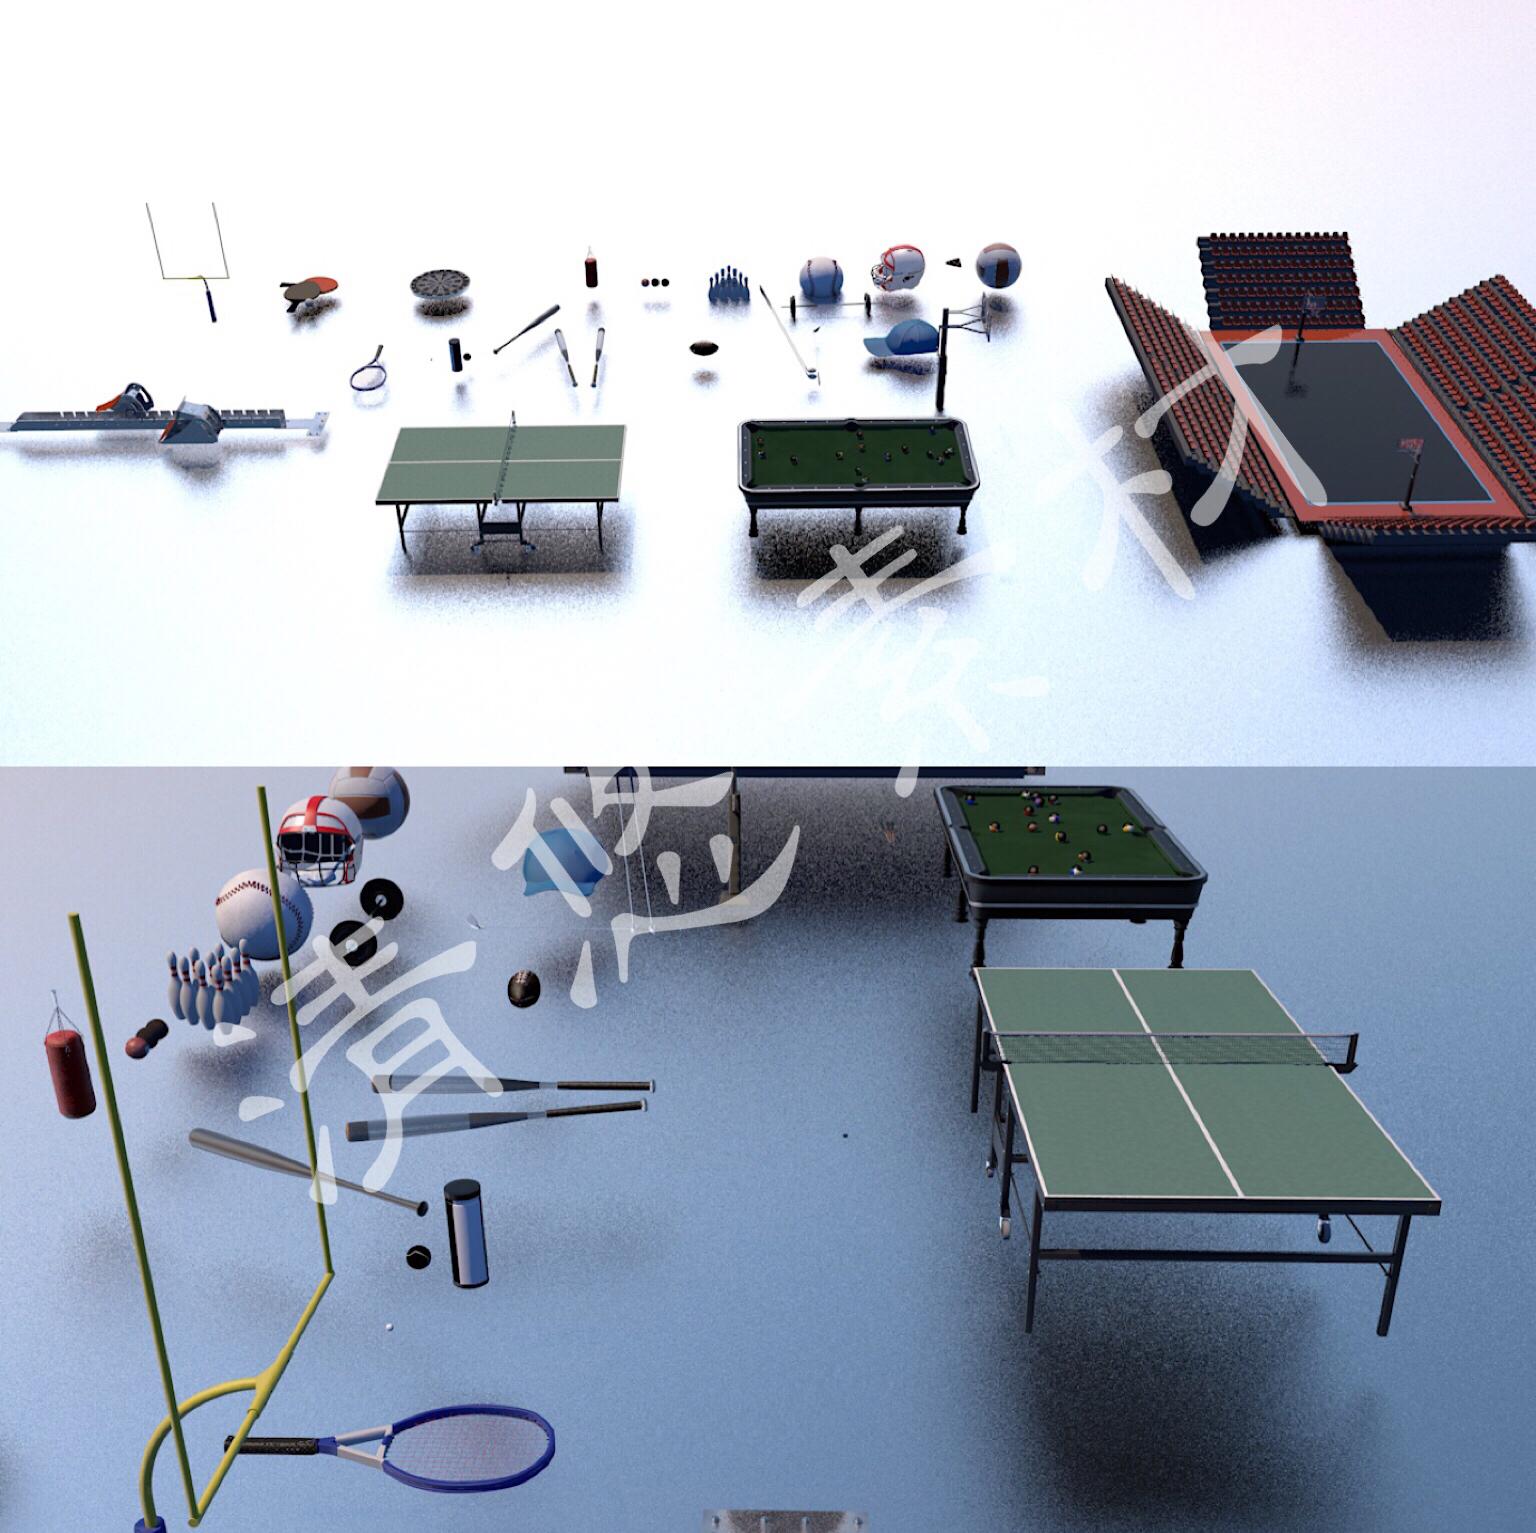 c4d体育用品模型基础材质 篮球场 台球桌 保龄球 乒乓球桌素材139